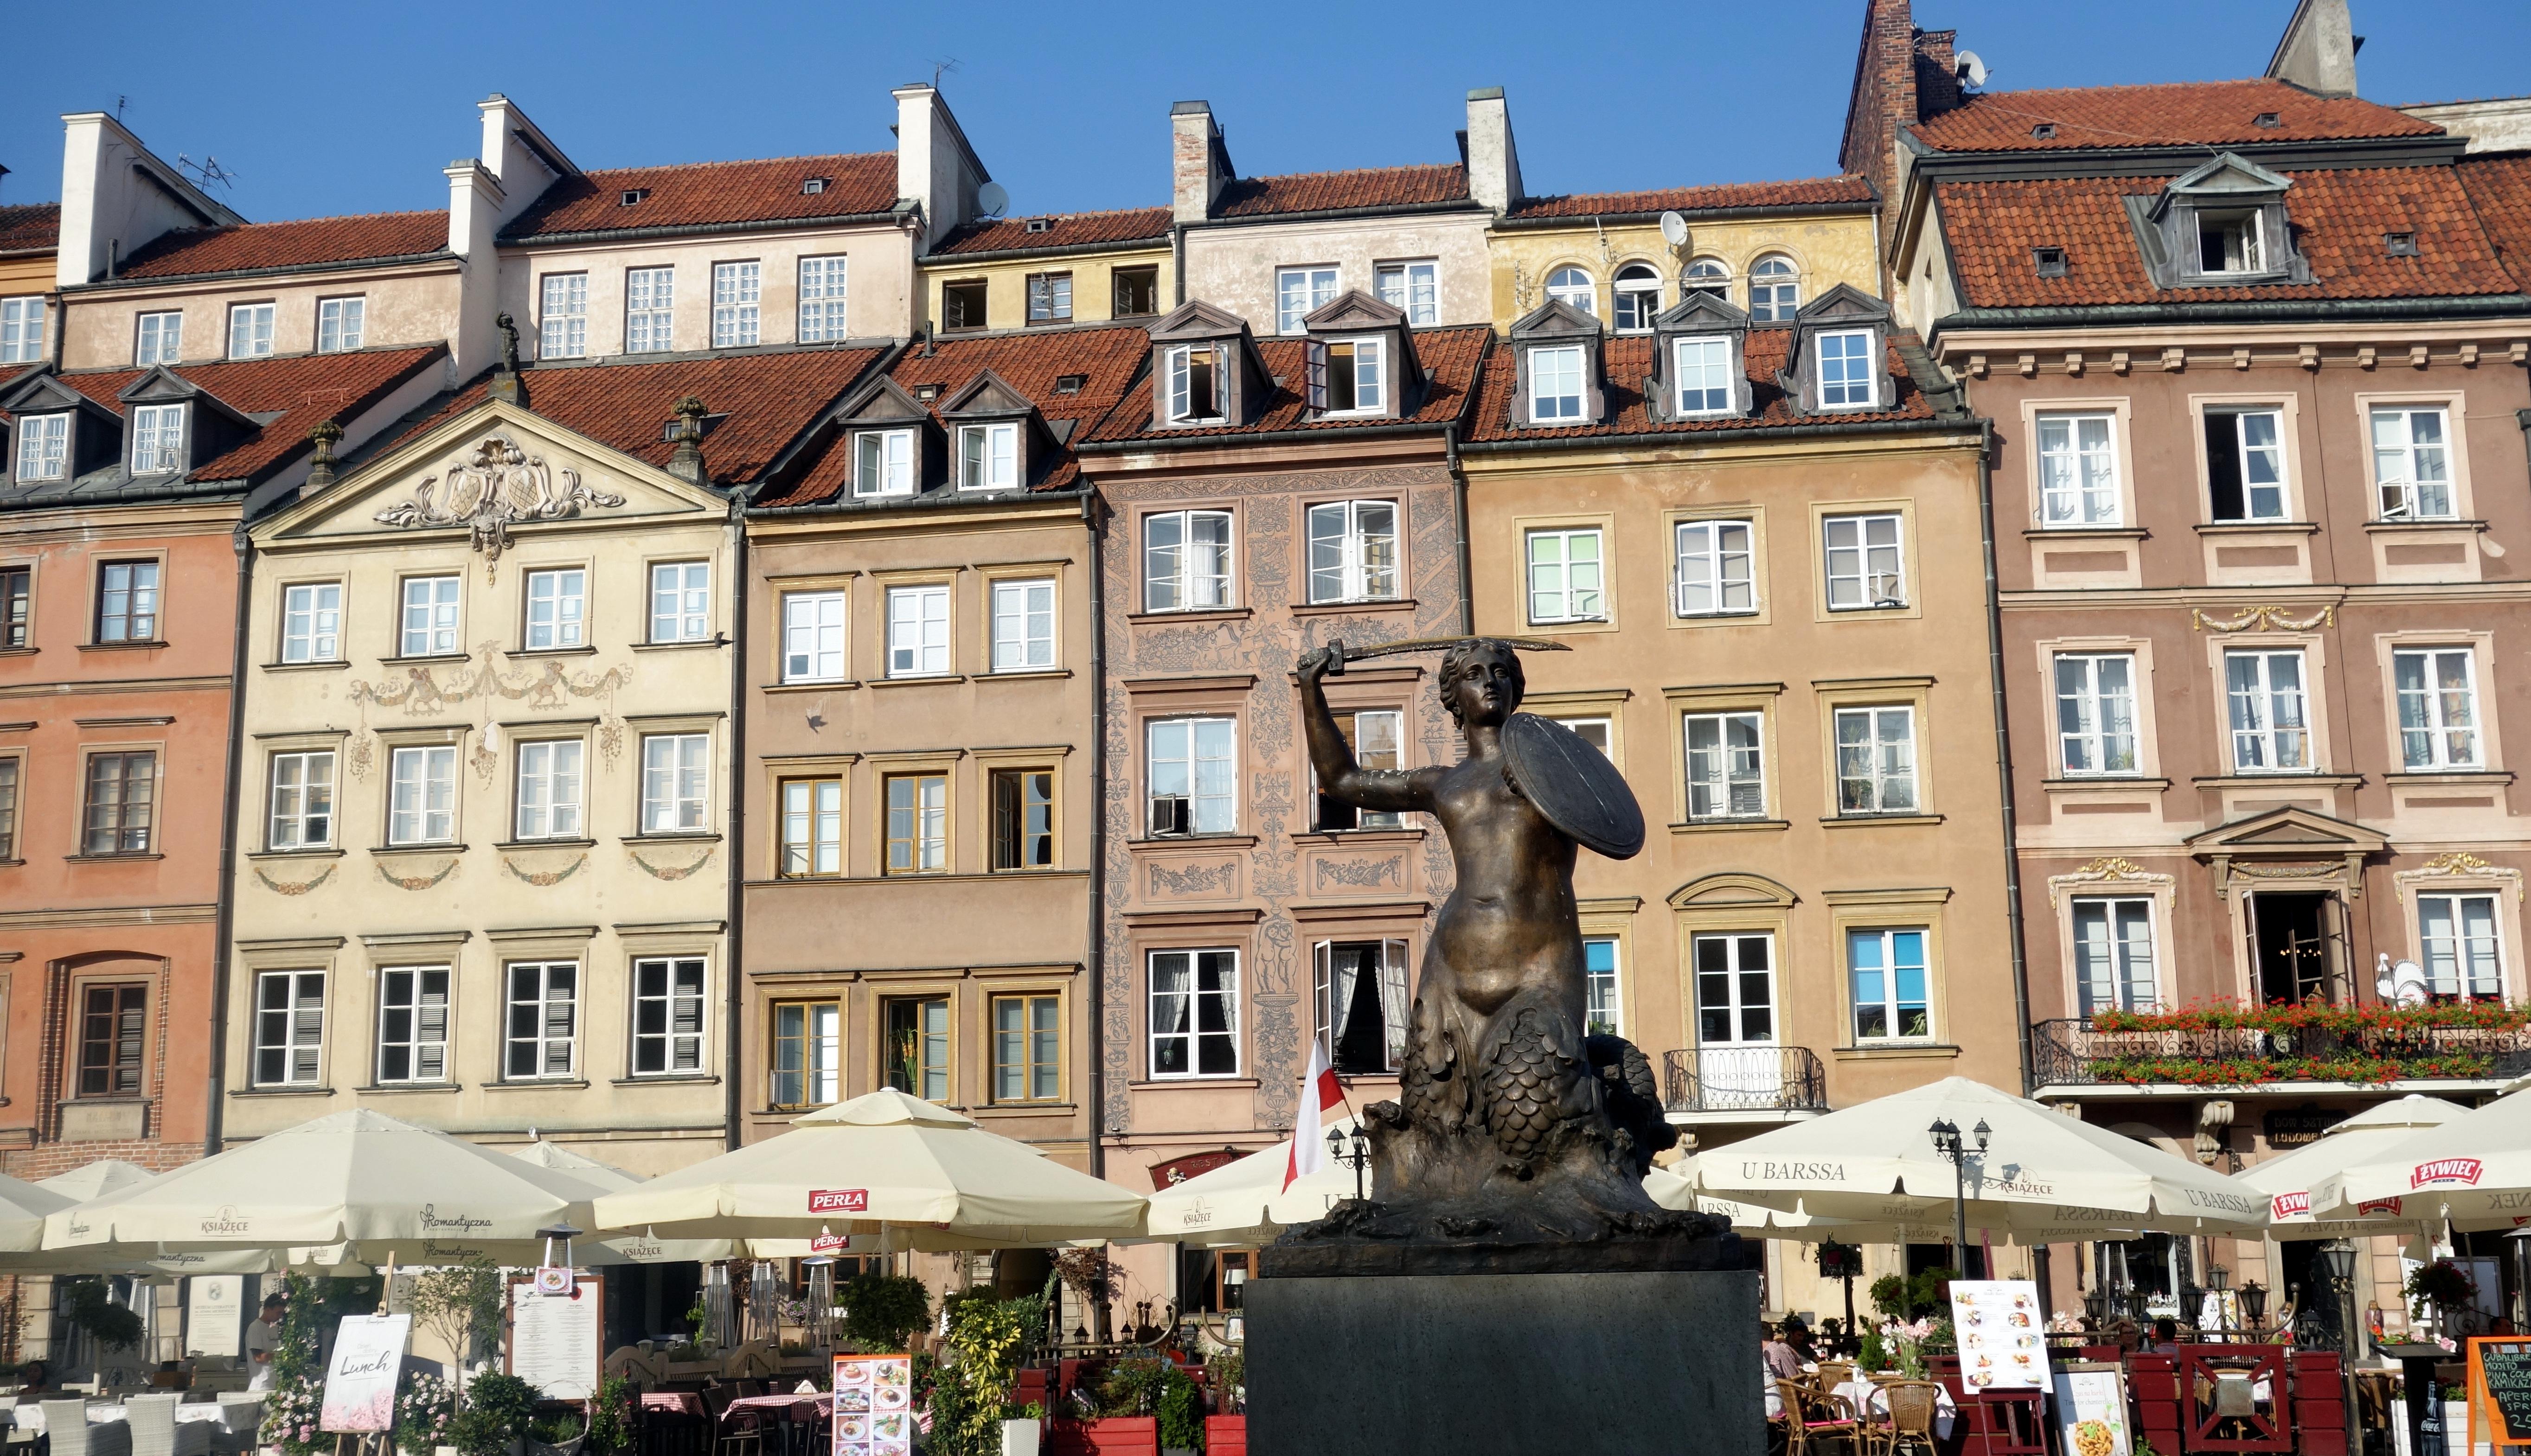 La sirène de Varsovie